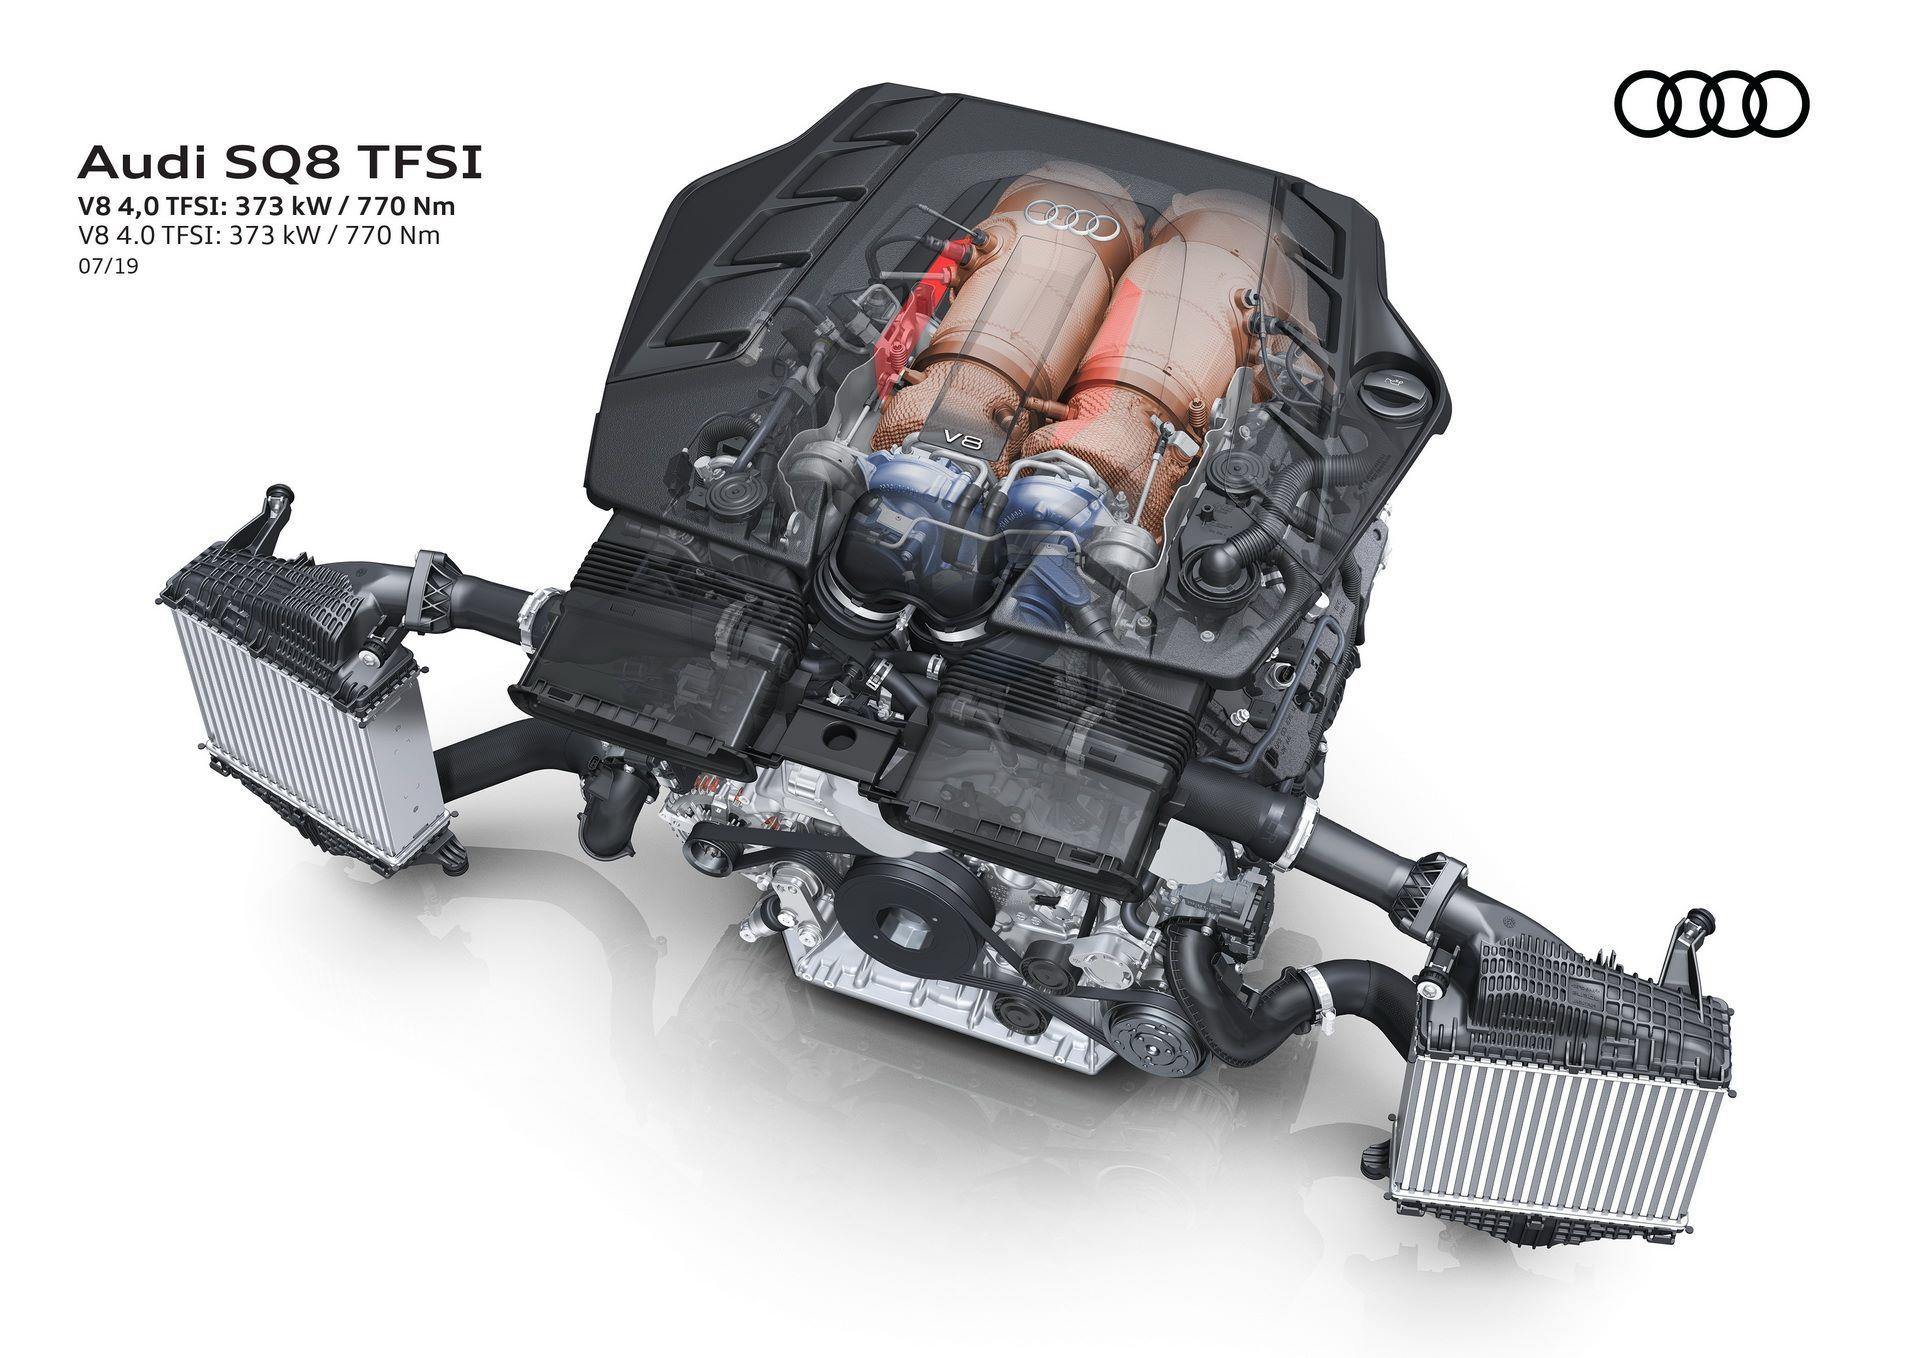 audi-sq7-sq8-v8-tfsi-engine-13